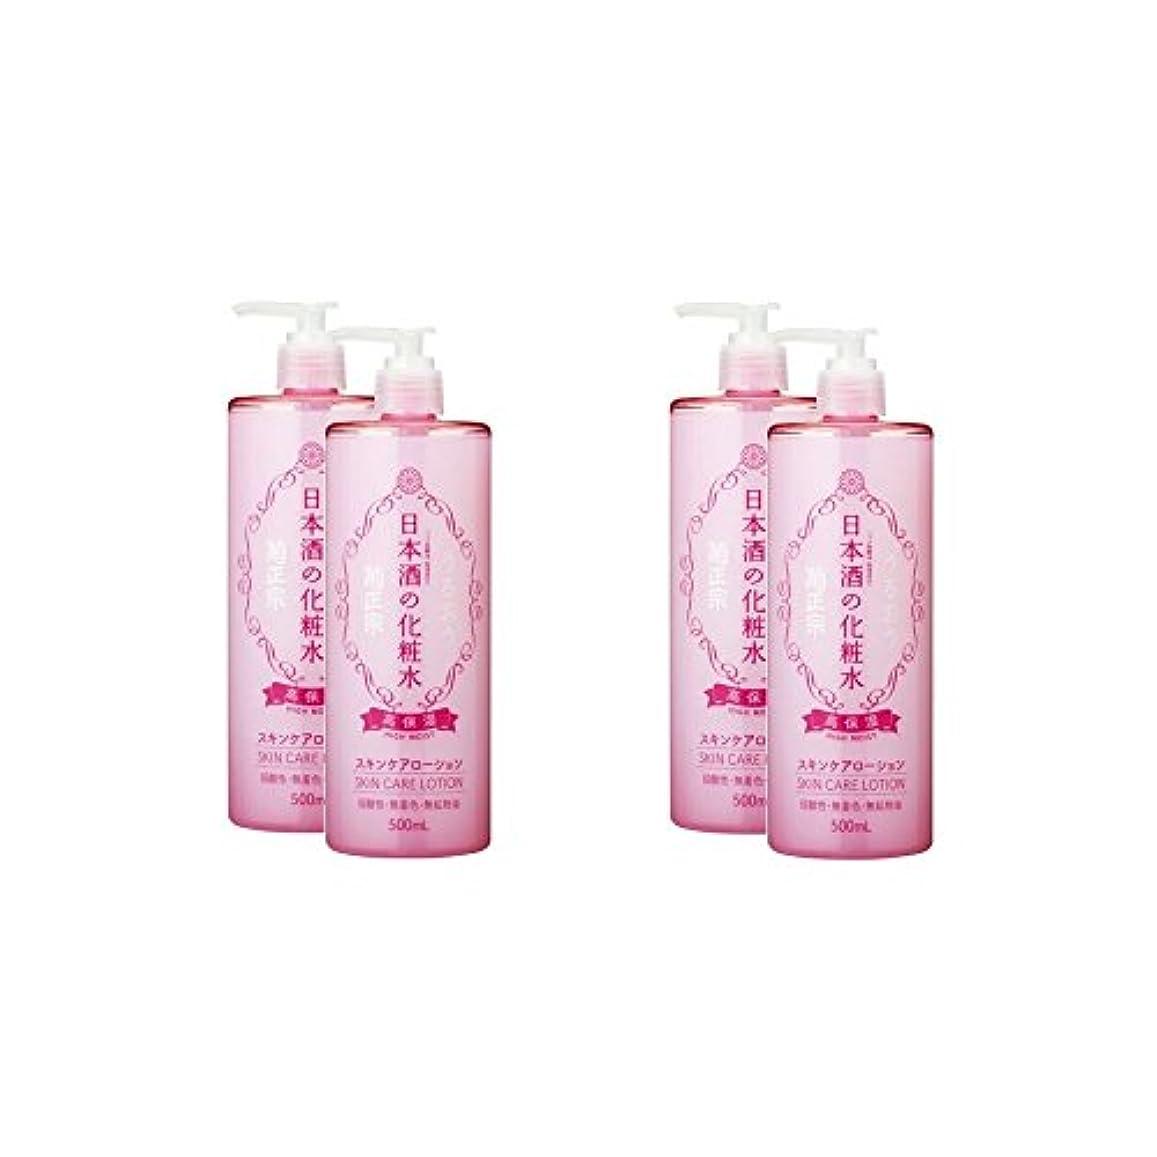 【セット品】菊正宗 日本酒の化粧水高保湿 500ml 4個